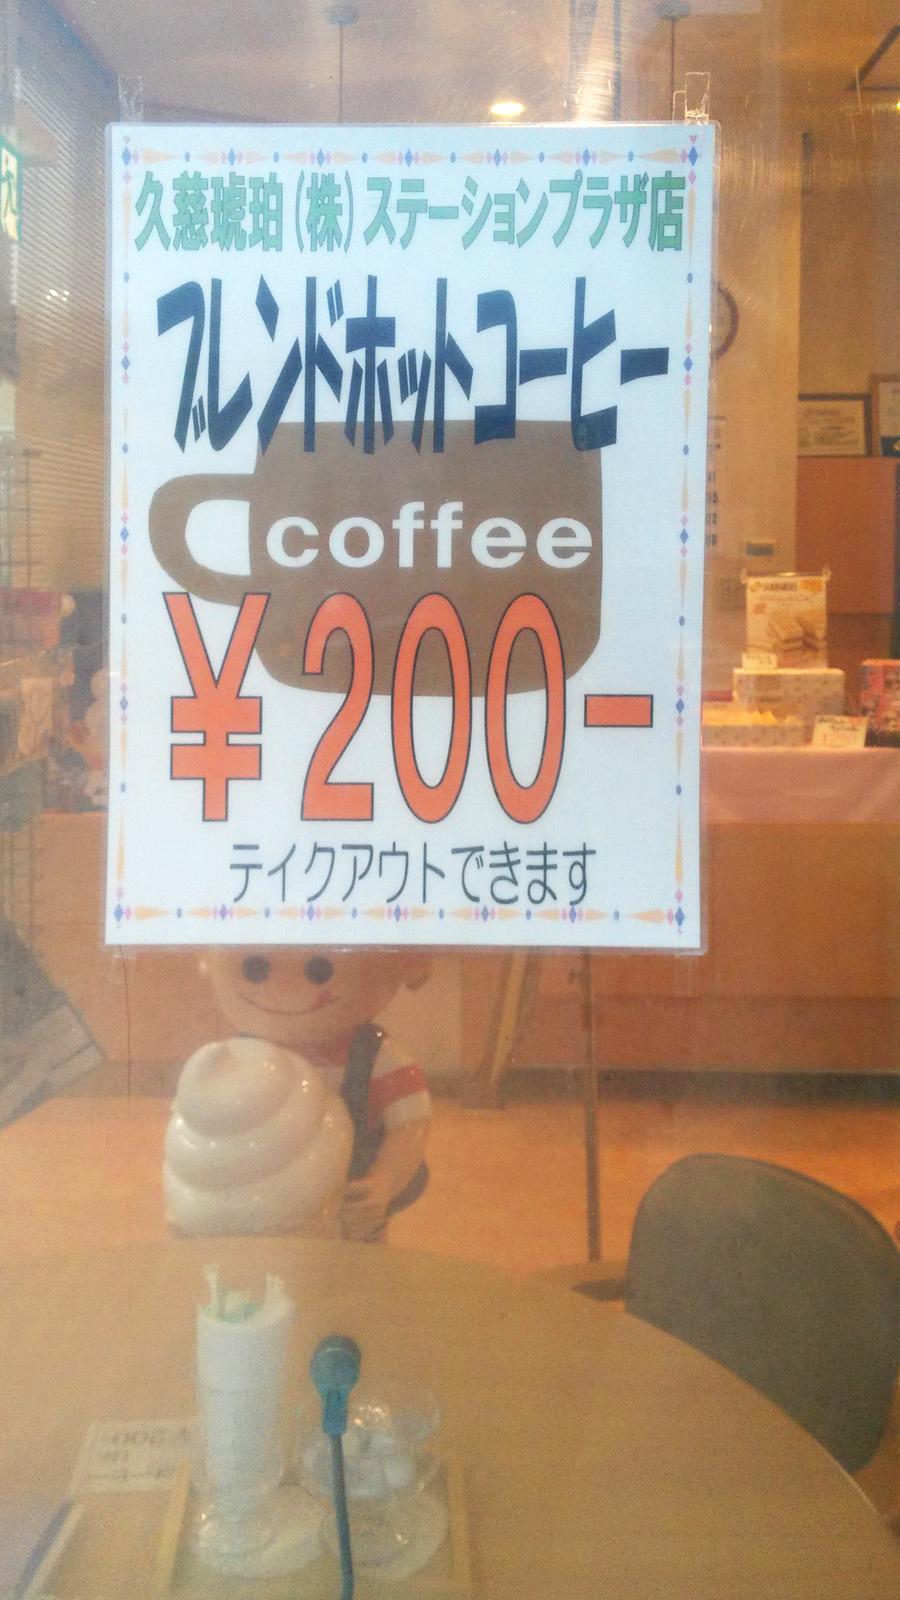 久慈琥珀 ステーションプラザ店